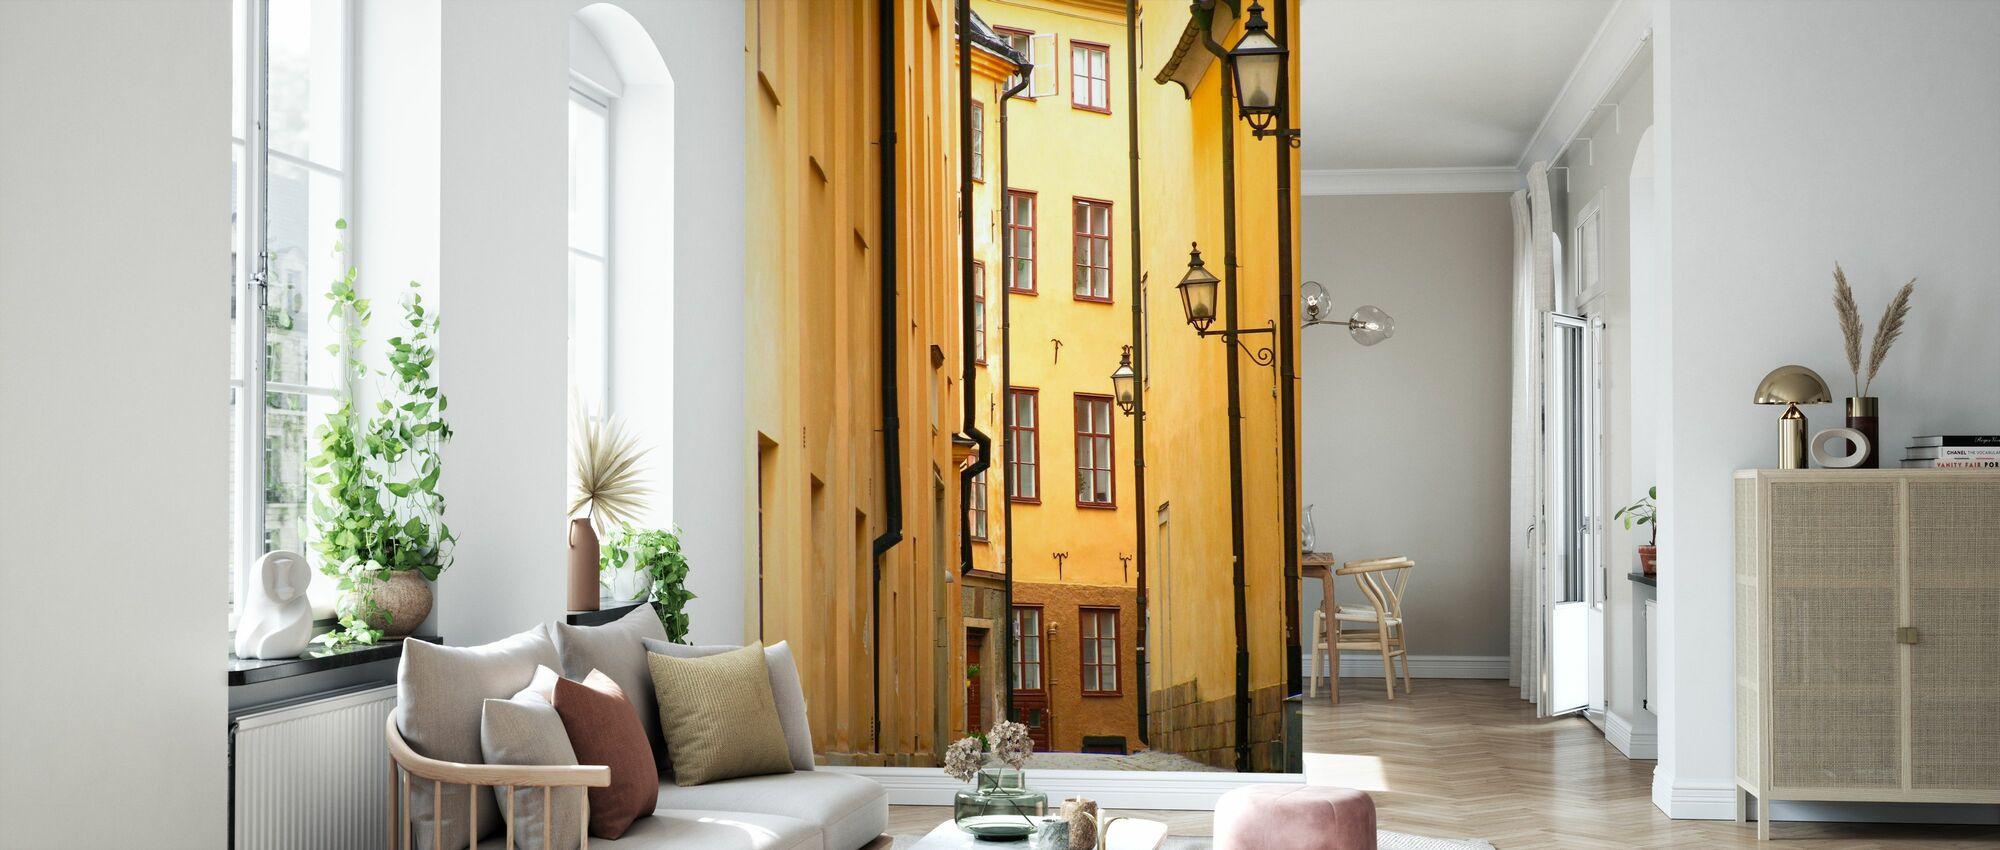 Smal bakgate i Stockholm Gamlebyen - Tapet - Stue